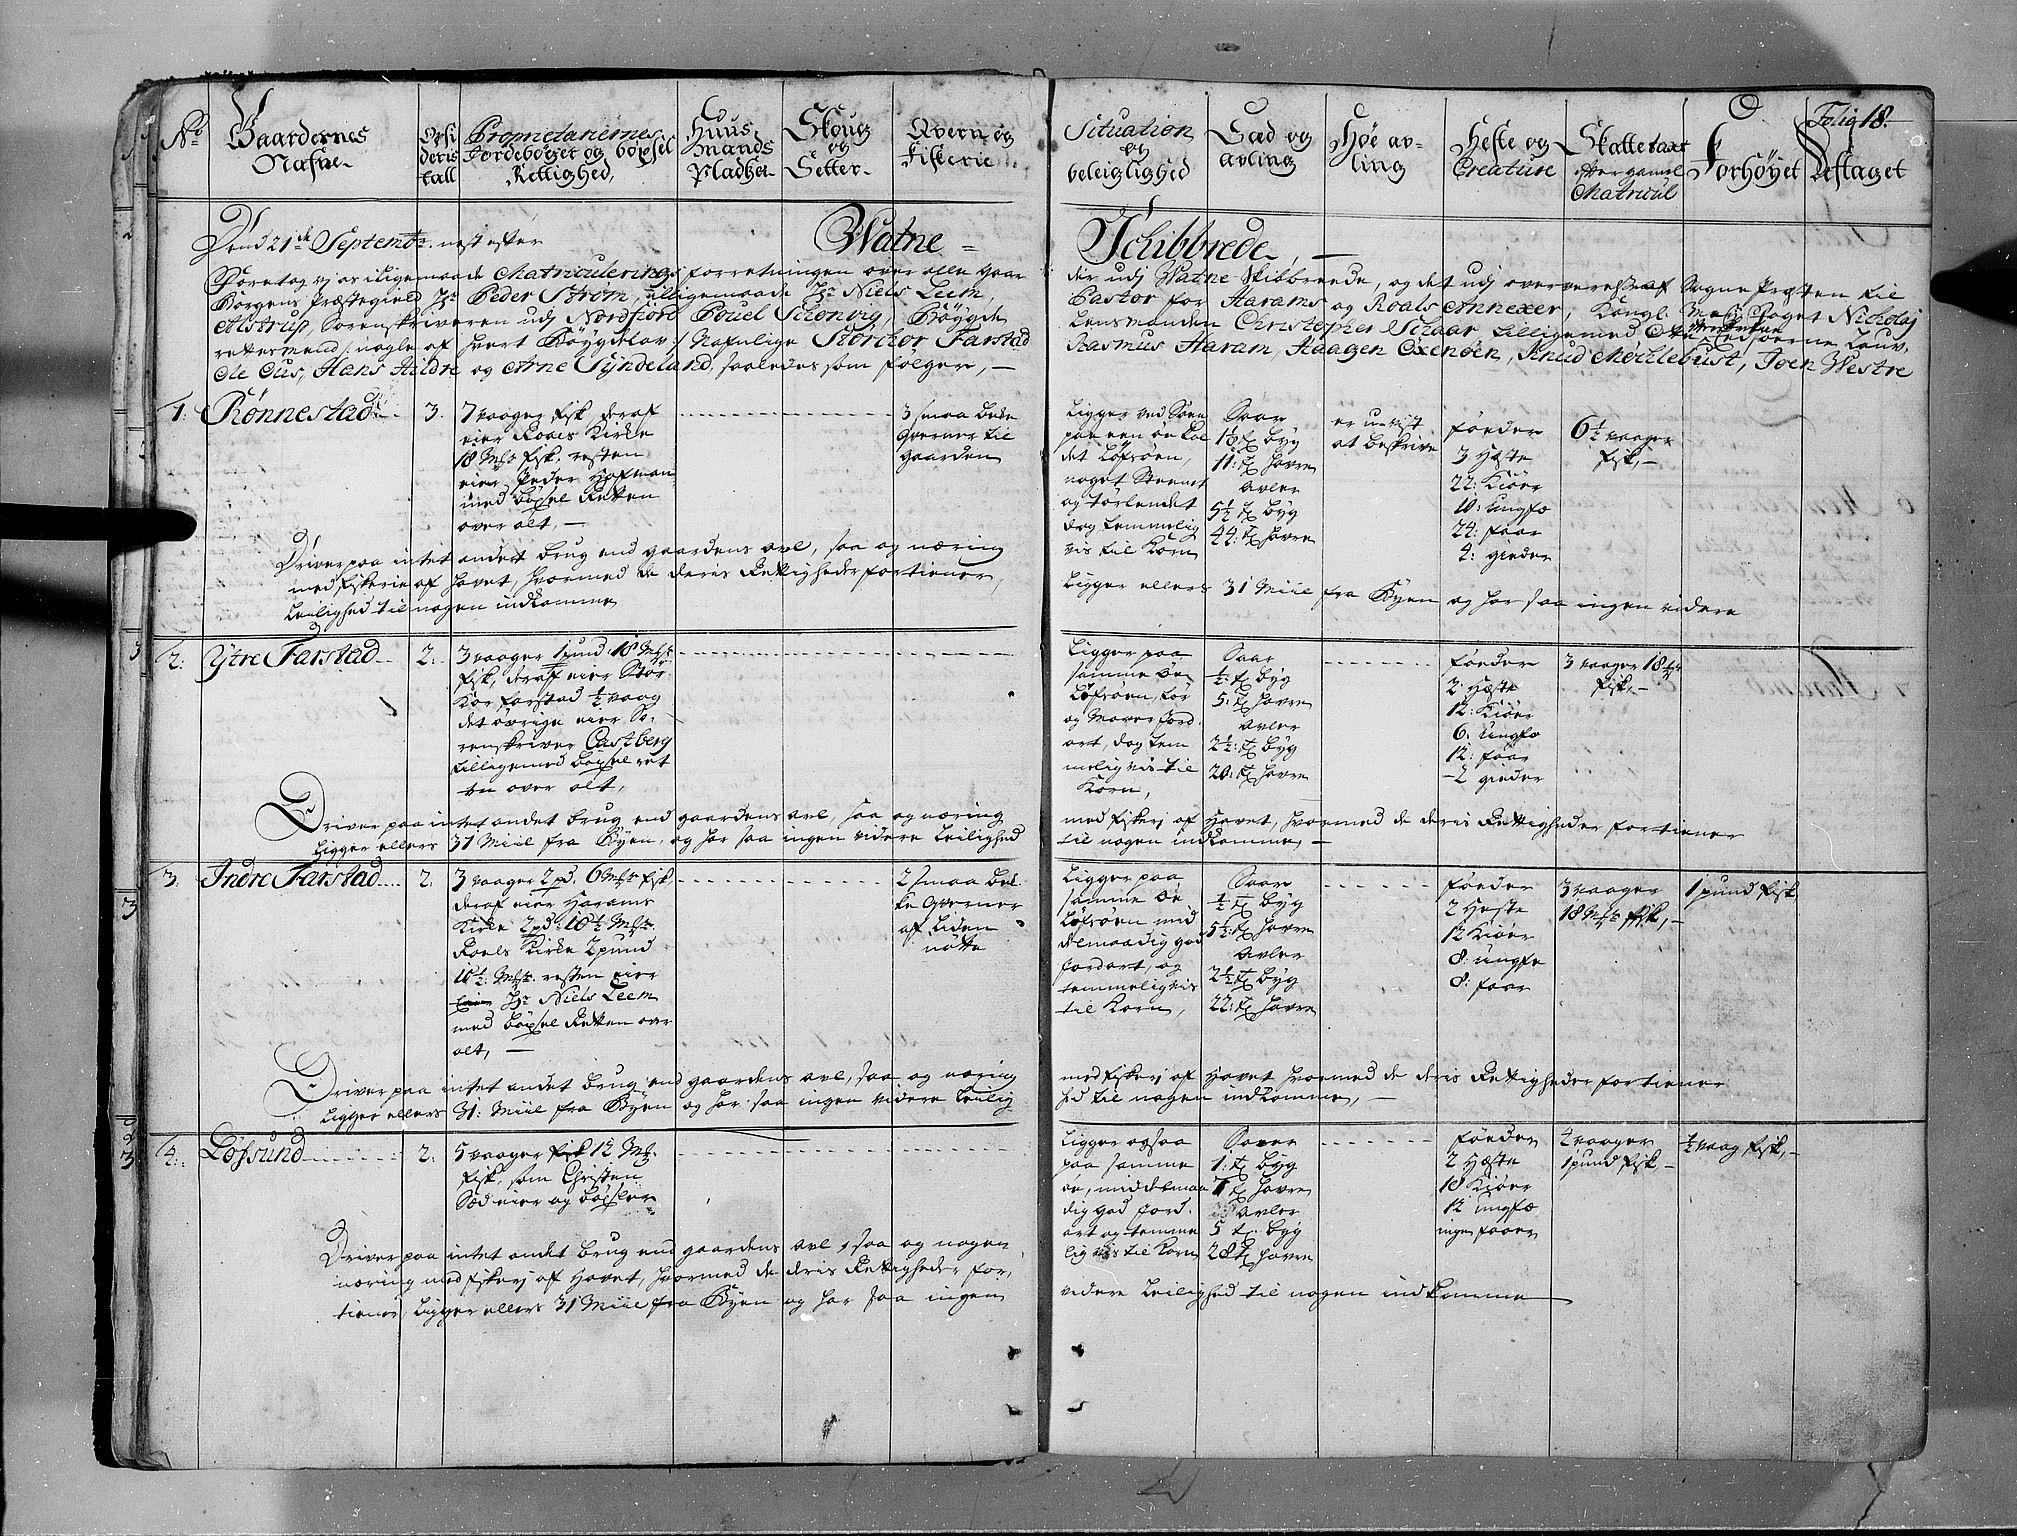 RA, Rentekammeret inntil 1814, Realistisk ordnet avdeling, N/Nb/Nbf/L0150: Sunnmøre eksaminasjonsprotokoll, 1724, s. 17b-18a